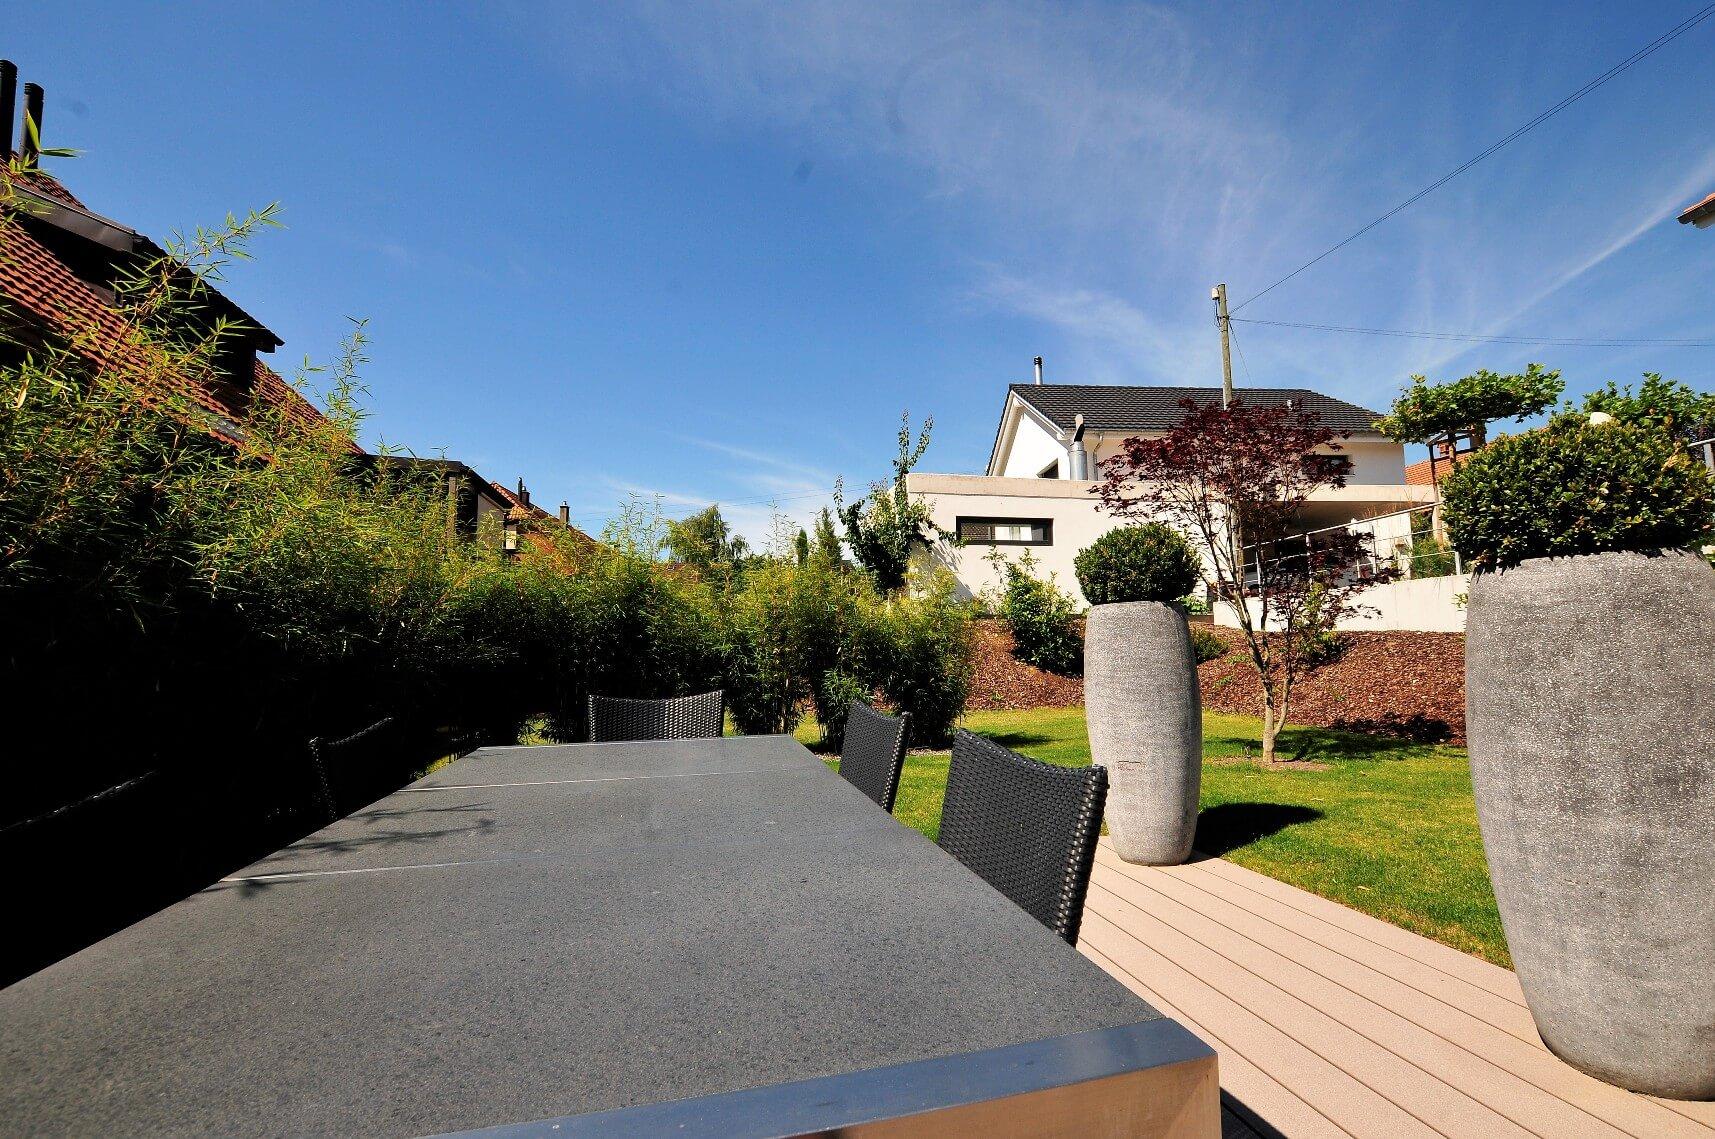 paysagiste aménagement terrasse en bois pots de fleurs bambou verdure elligue mickael (9)